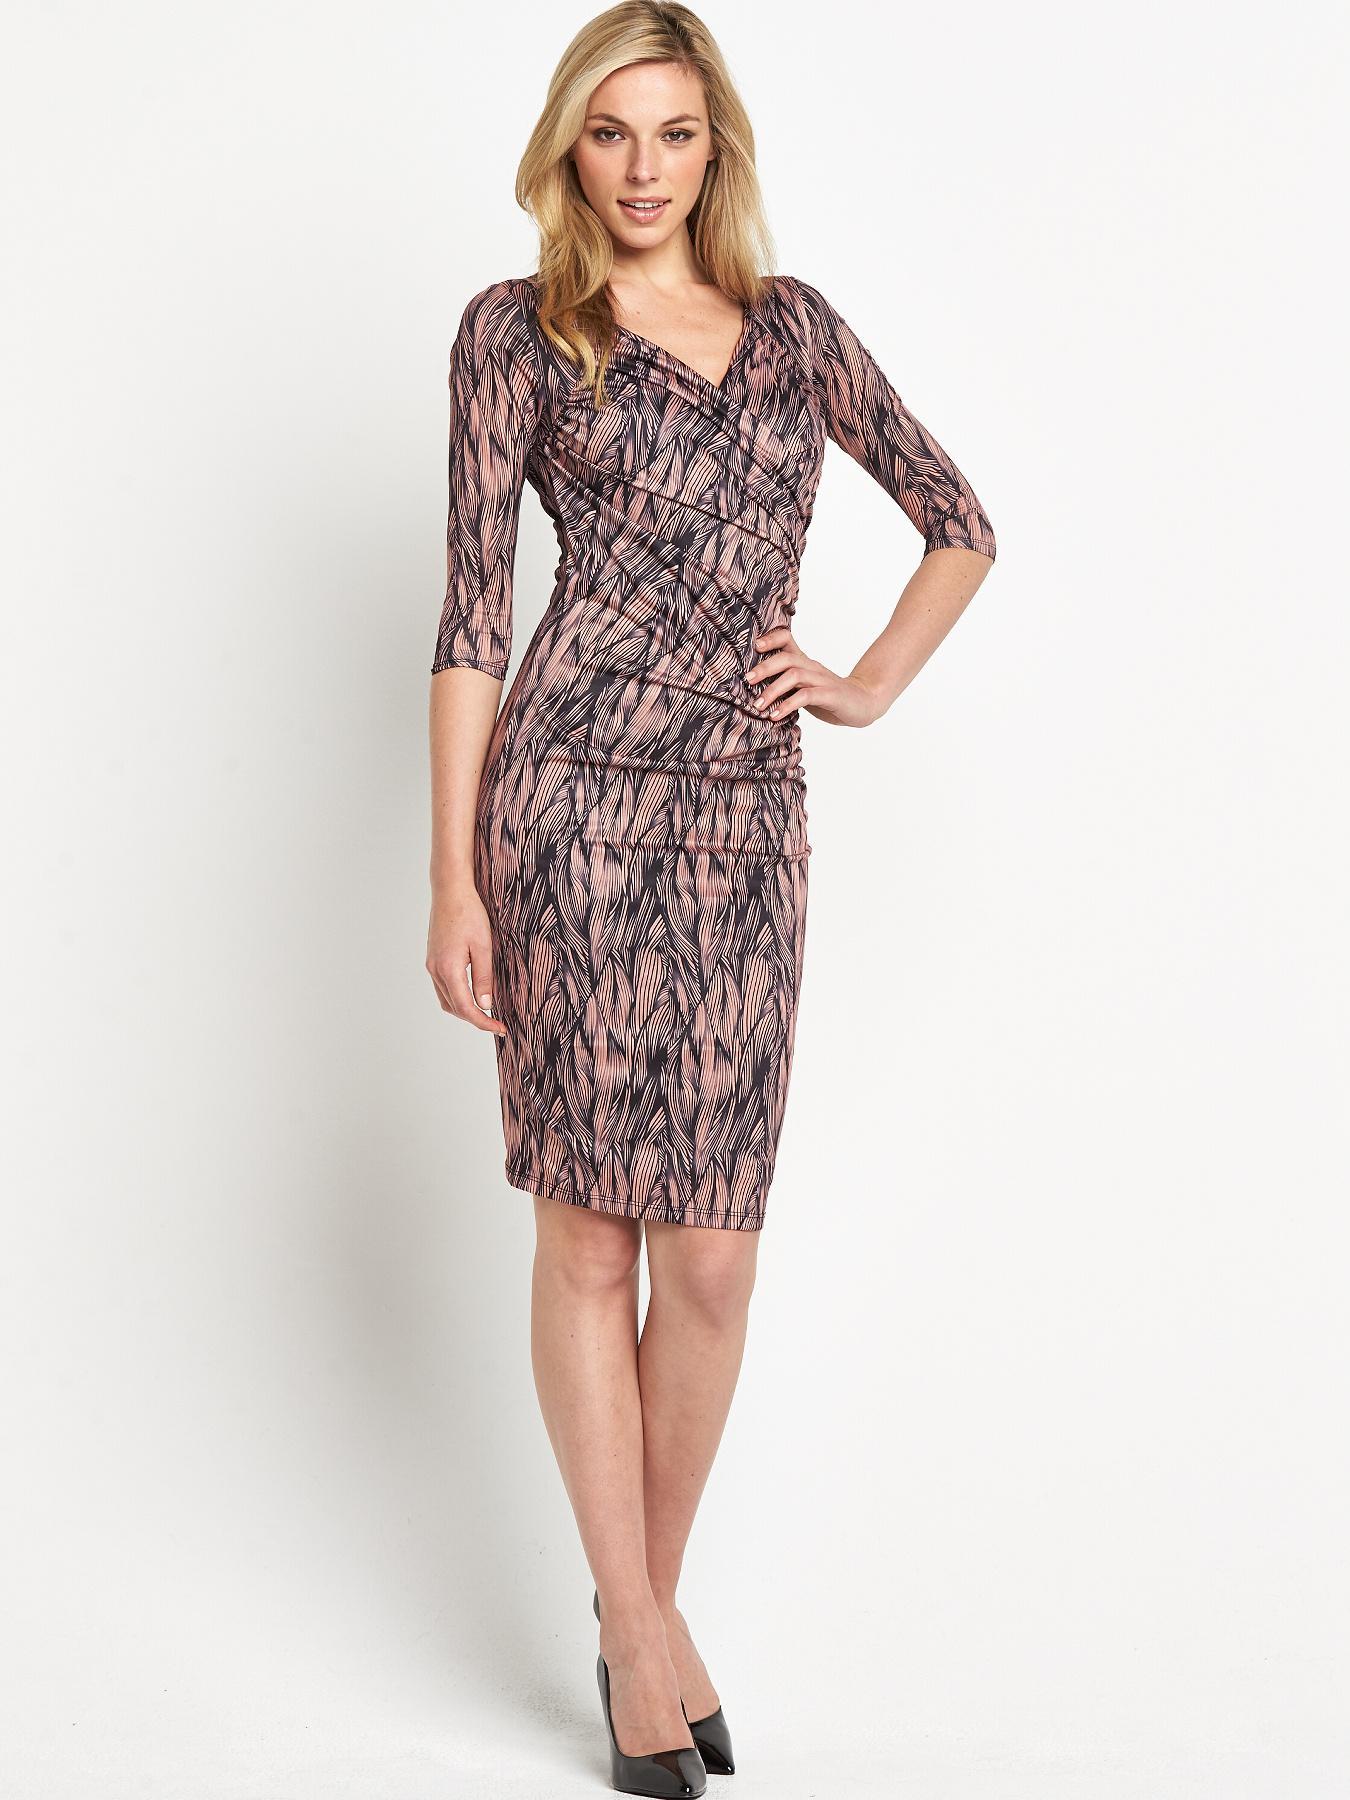 Savoir Confident Curves Dress